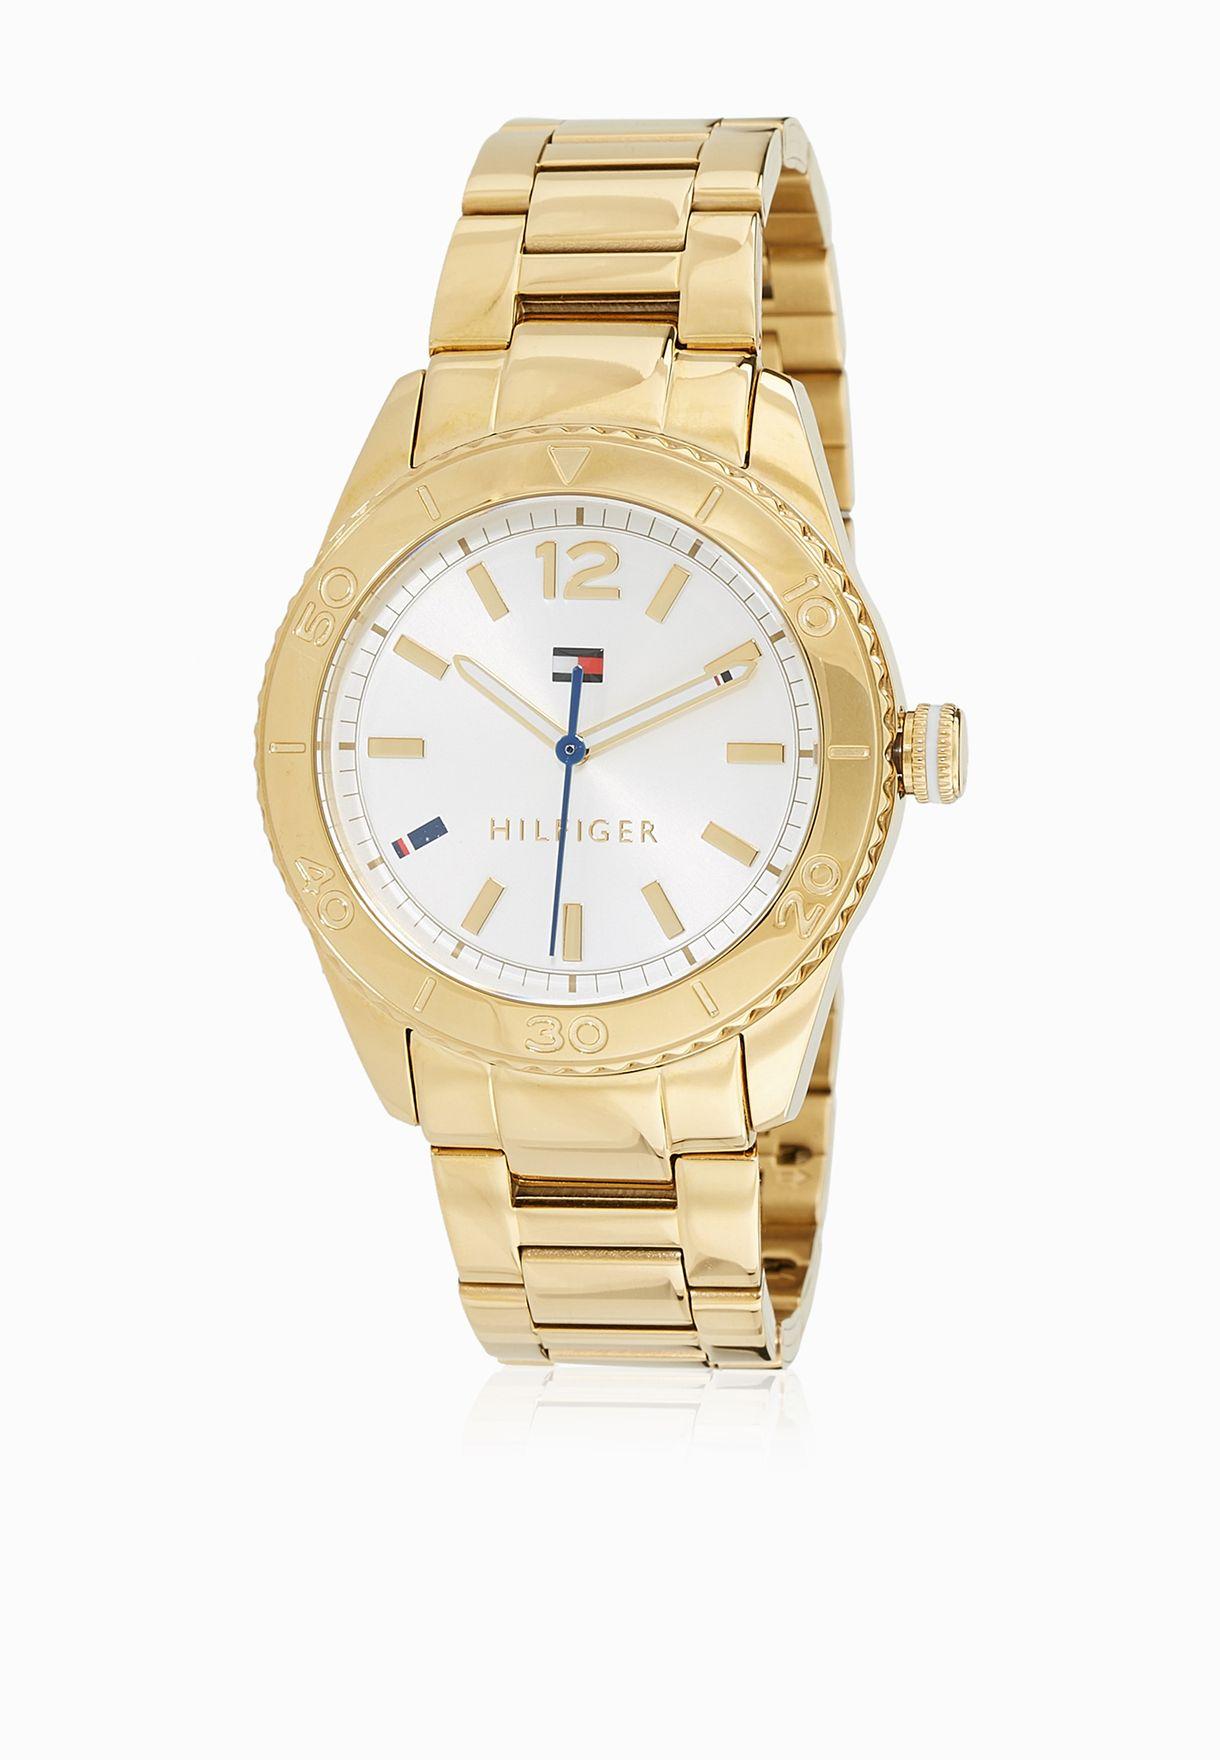 Ritz Watch